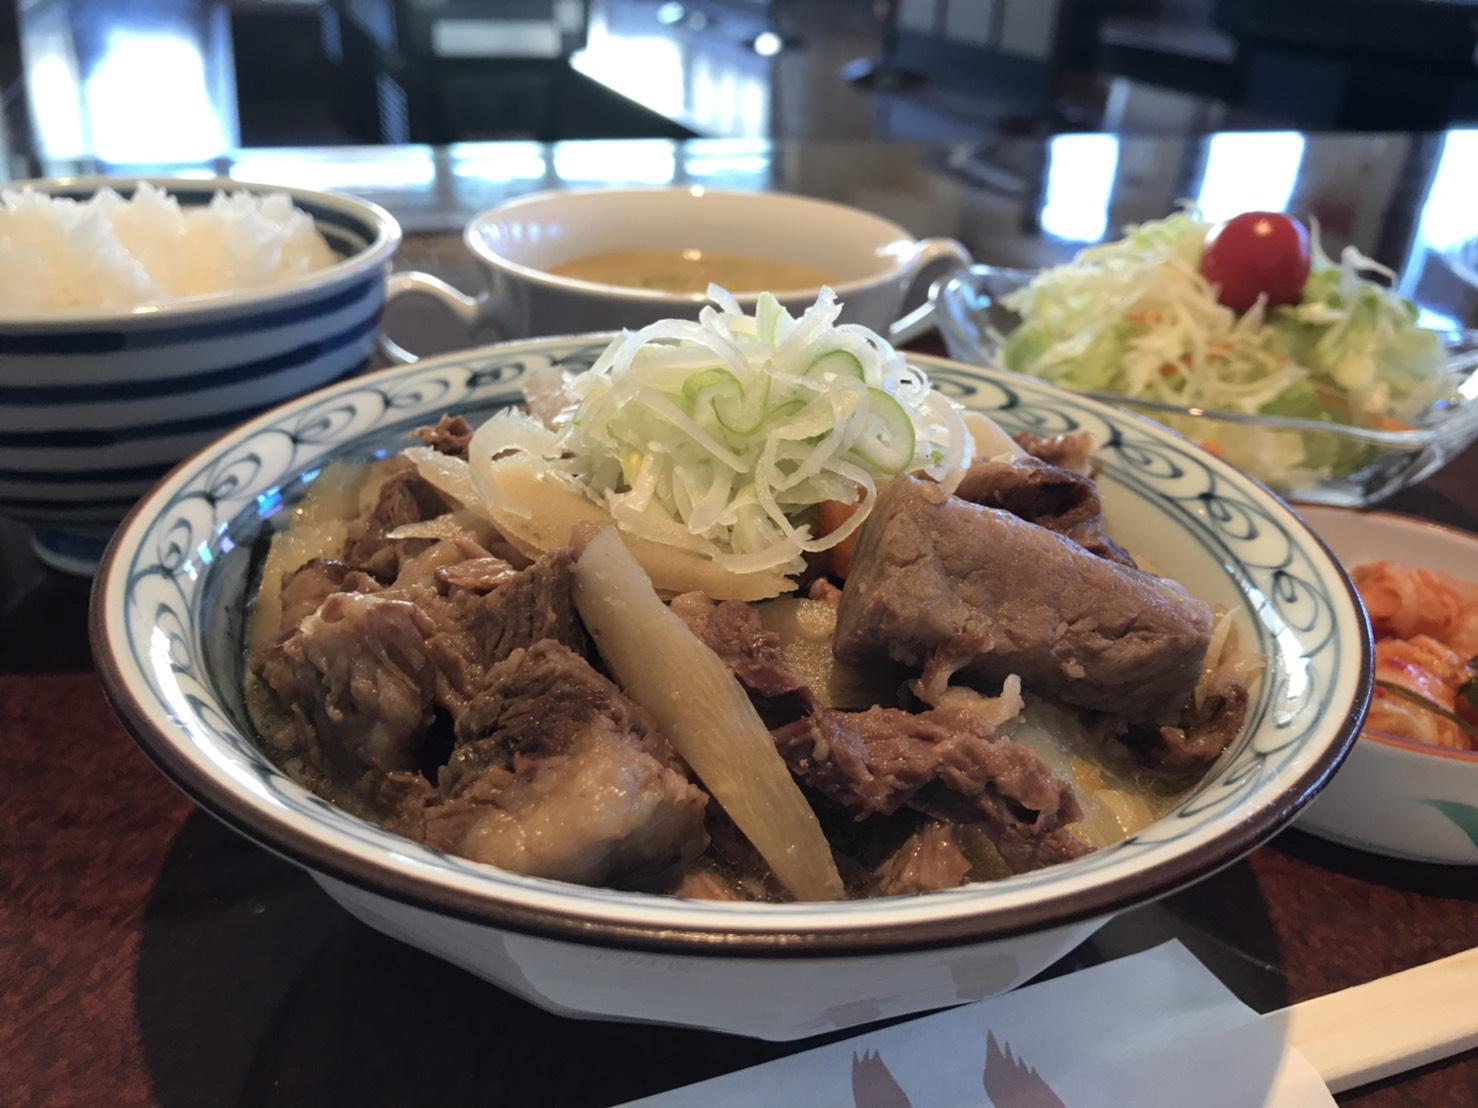 GWお昼の特別メニュー 山形牛焼肉専門店舞鶴牧場